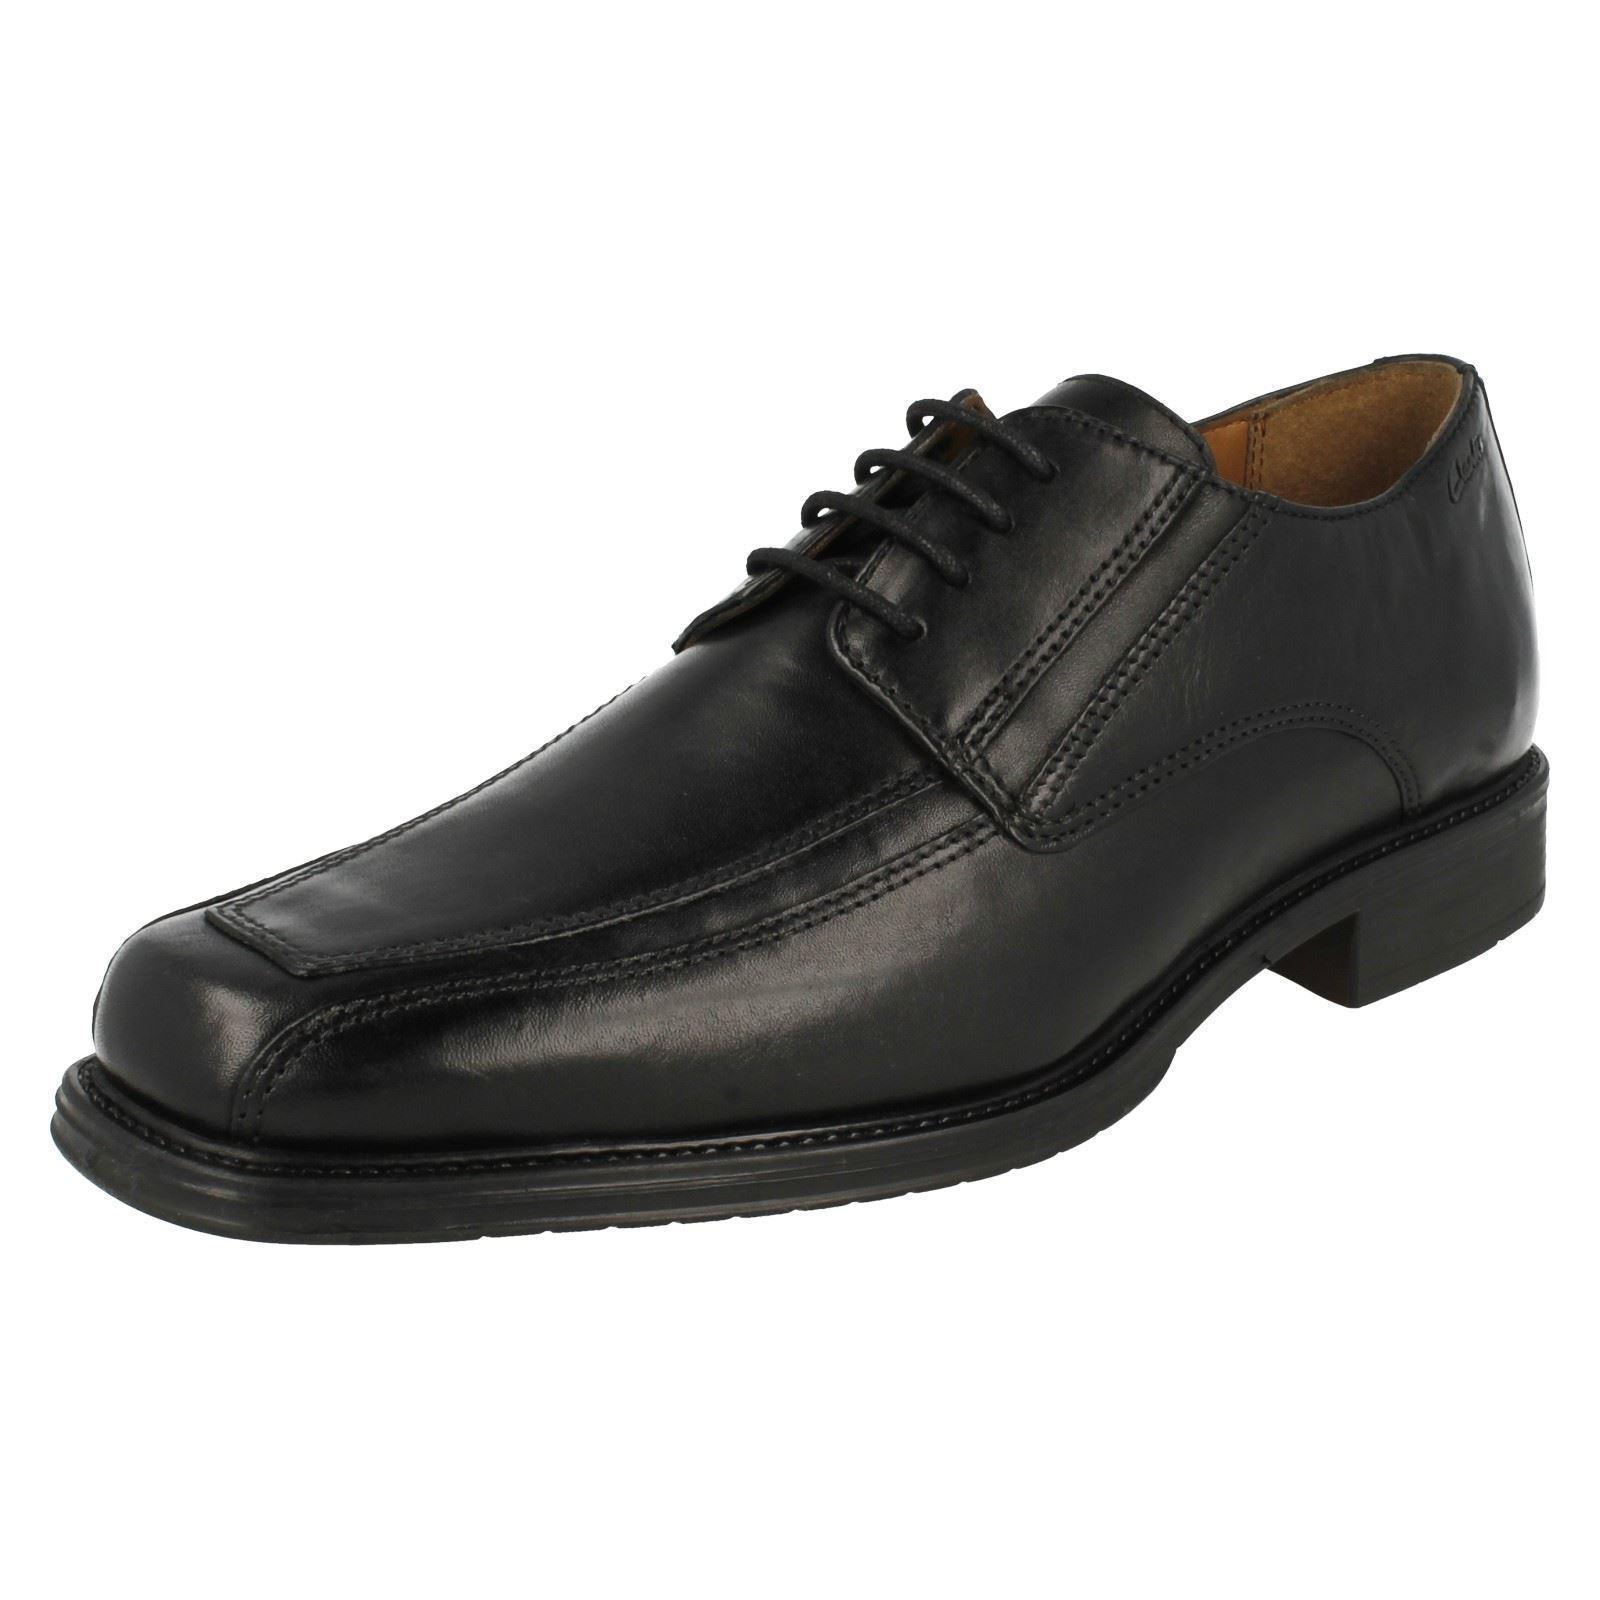 Herren Clarks Intelligente Spitzen sich Schuhe - Driggs Walk